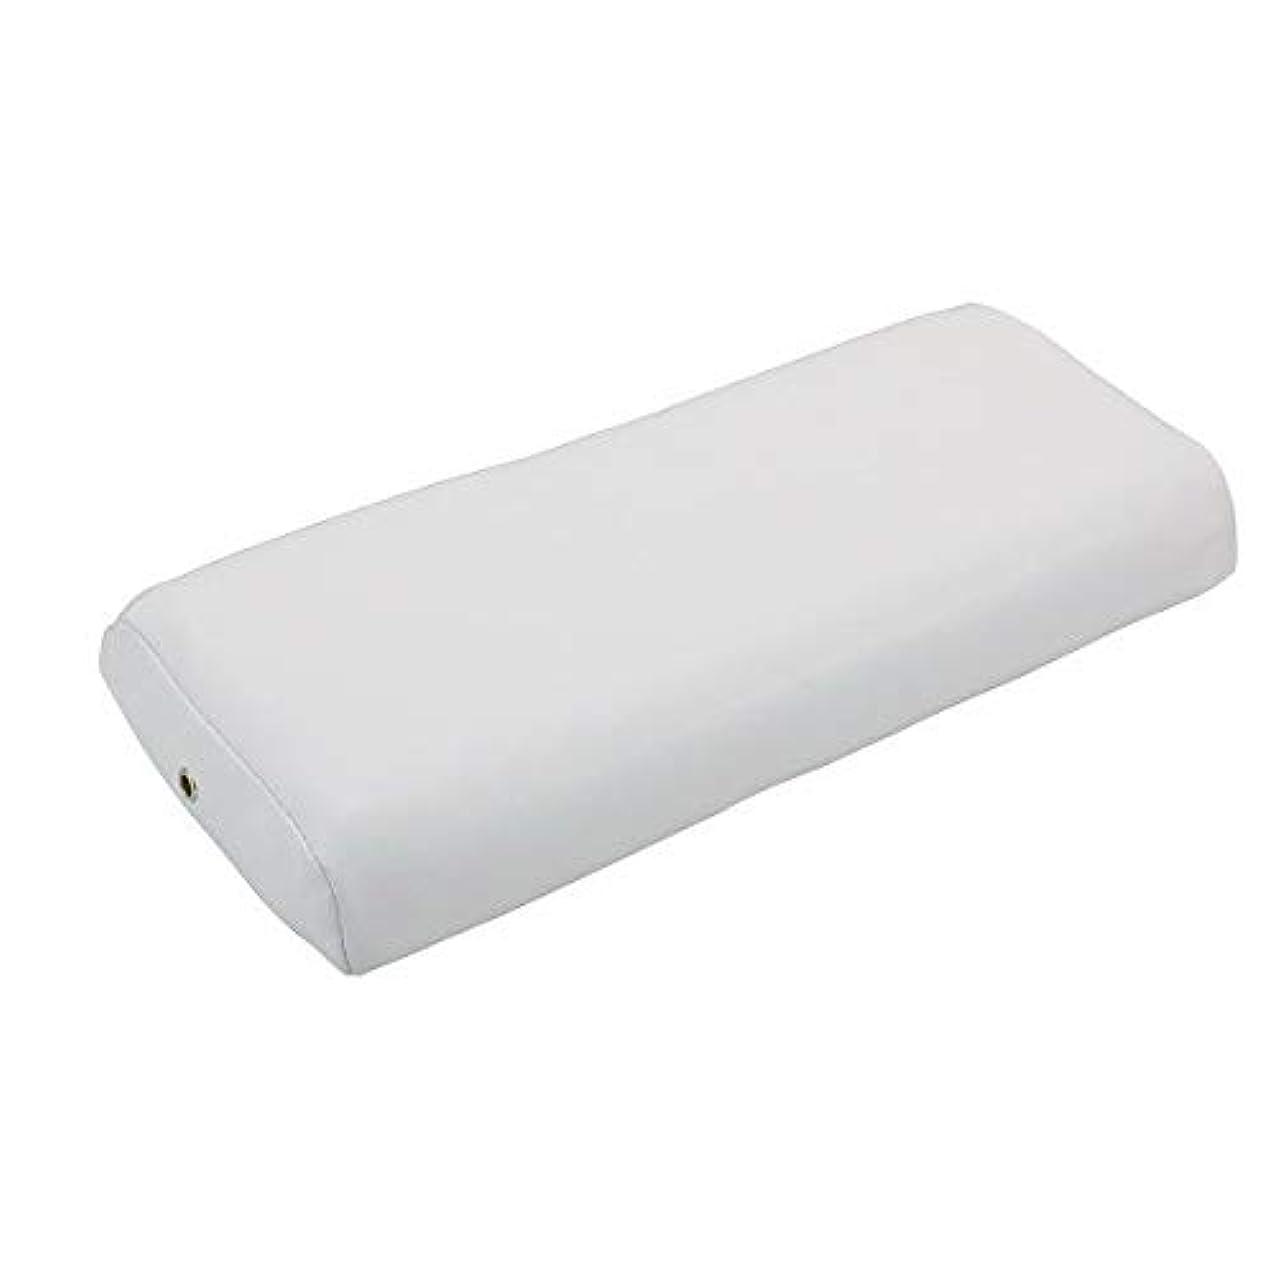 ブレススポークスマン終わりNEOかどまる枕 FV-921 【 ホワイト 】 フェイスまくら フェイス枕 うつぶせ枕 マッサージ枕